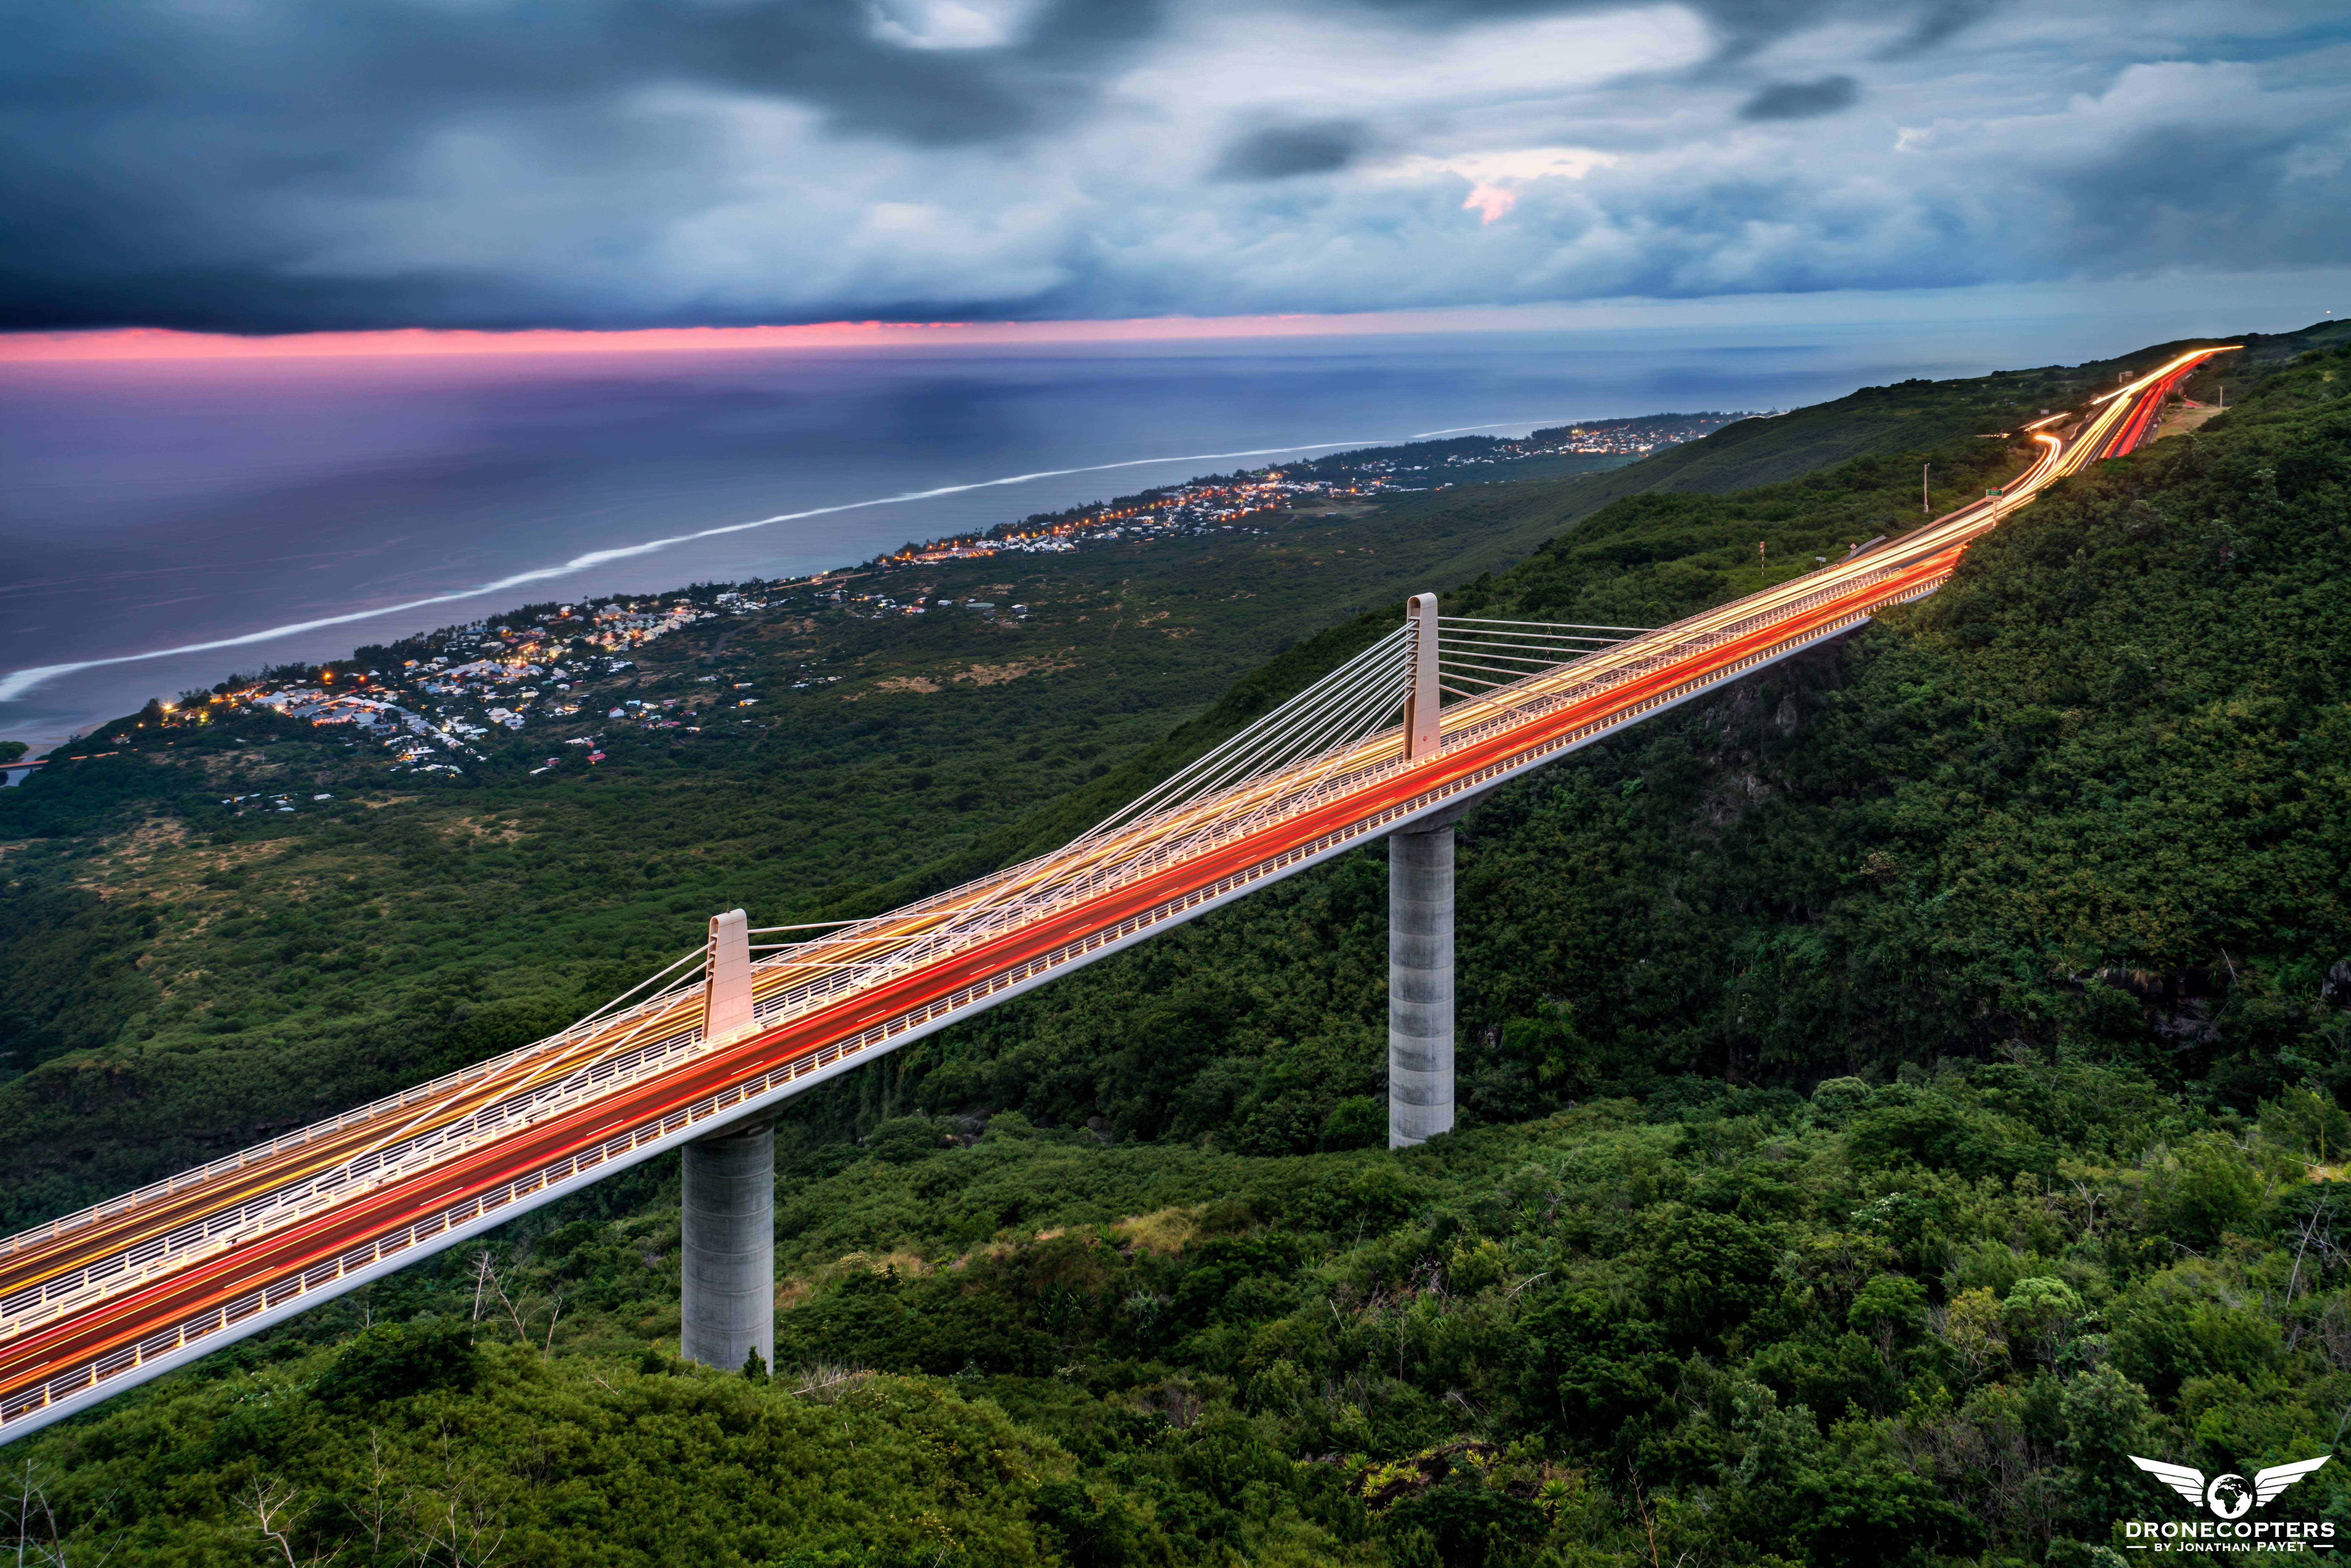 Le Viaduc de la Route des Tamarins